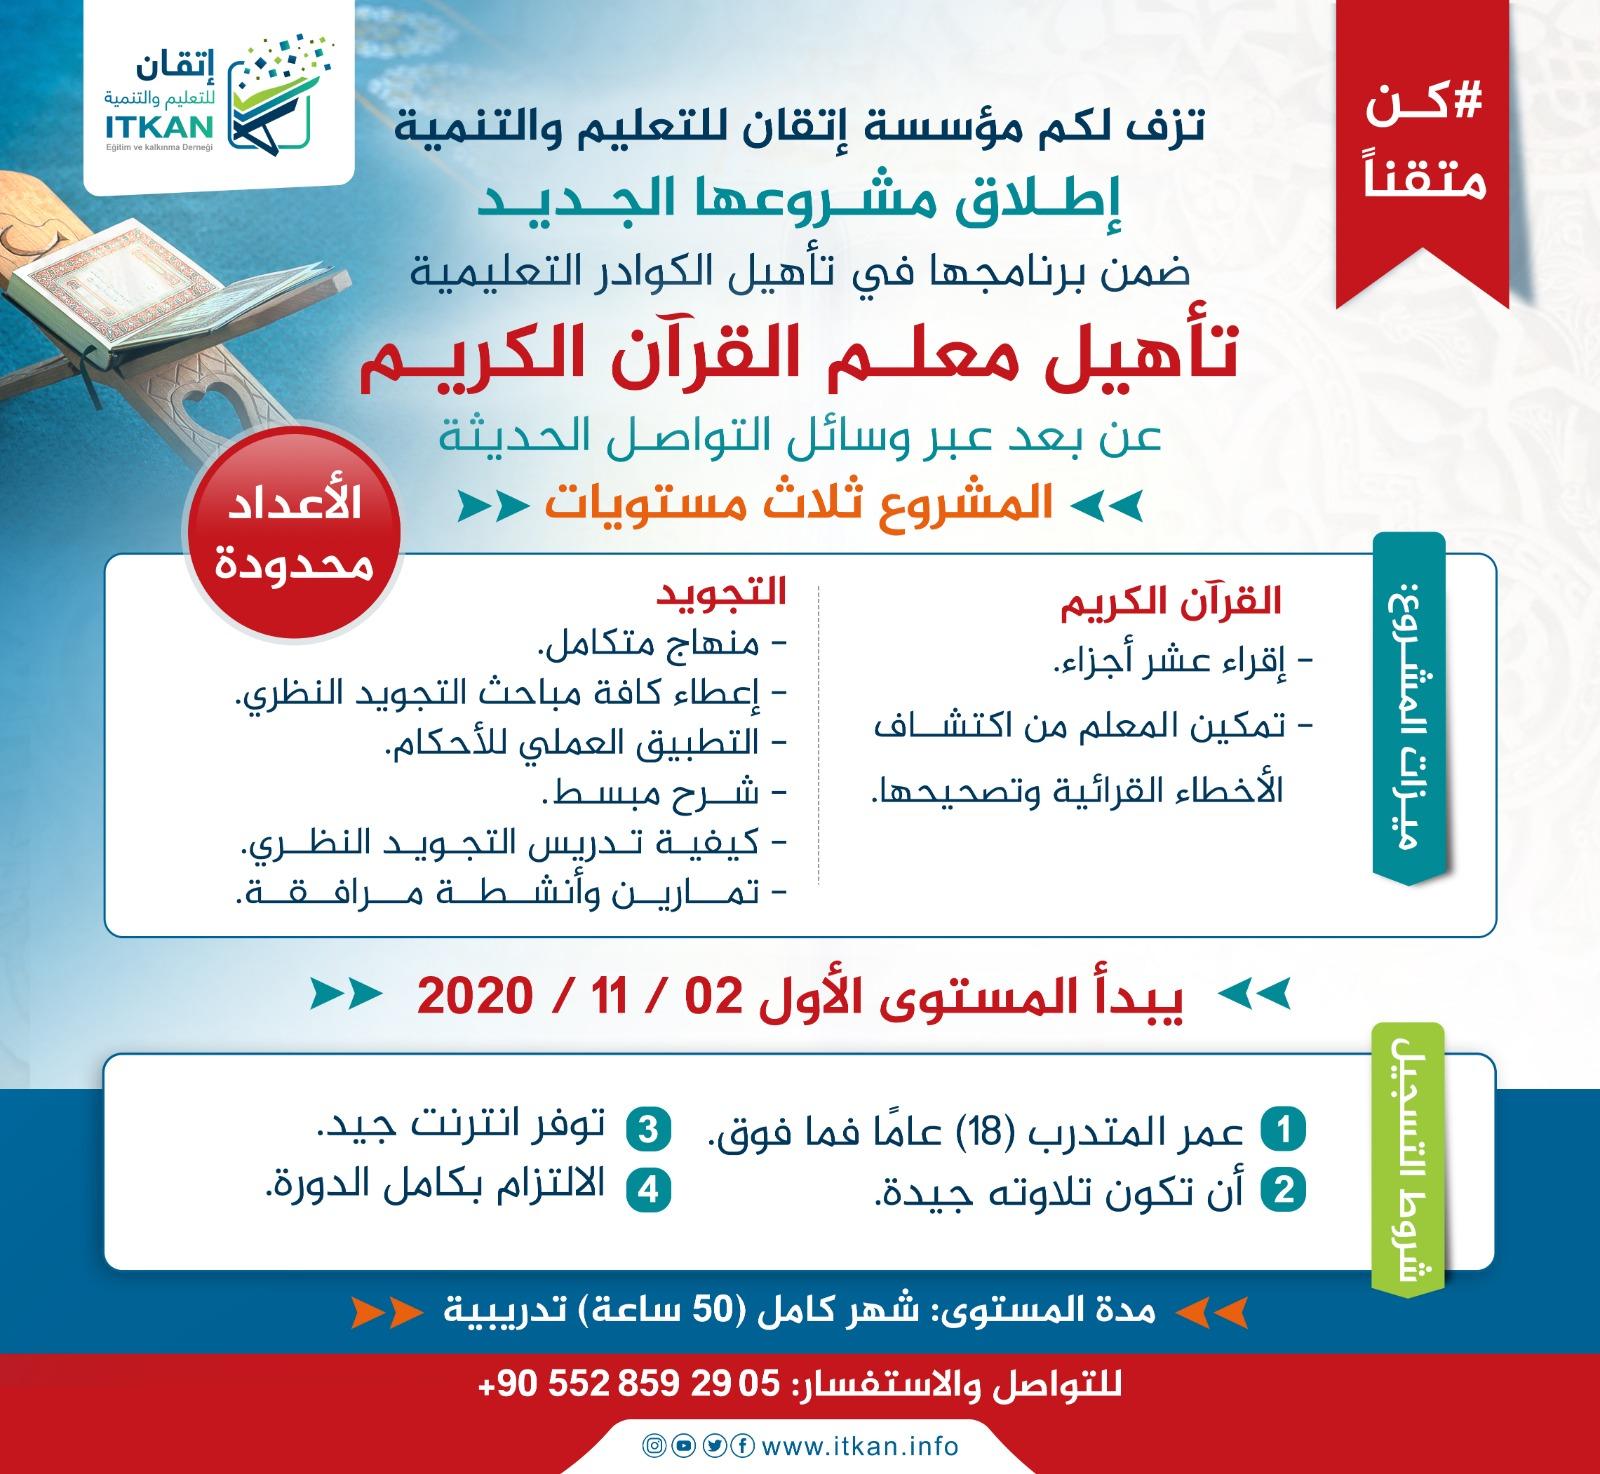 مشروع تأهيل الكوادر التعليمية - تأهيل معلم القرآن الكريم عن بعد